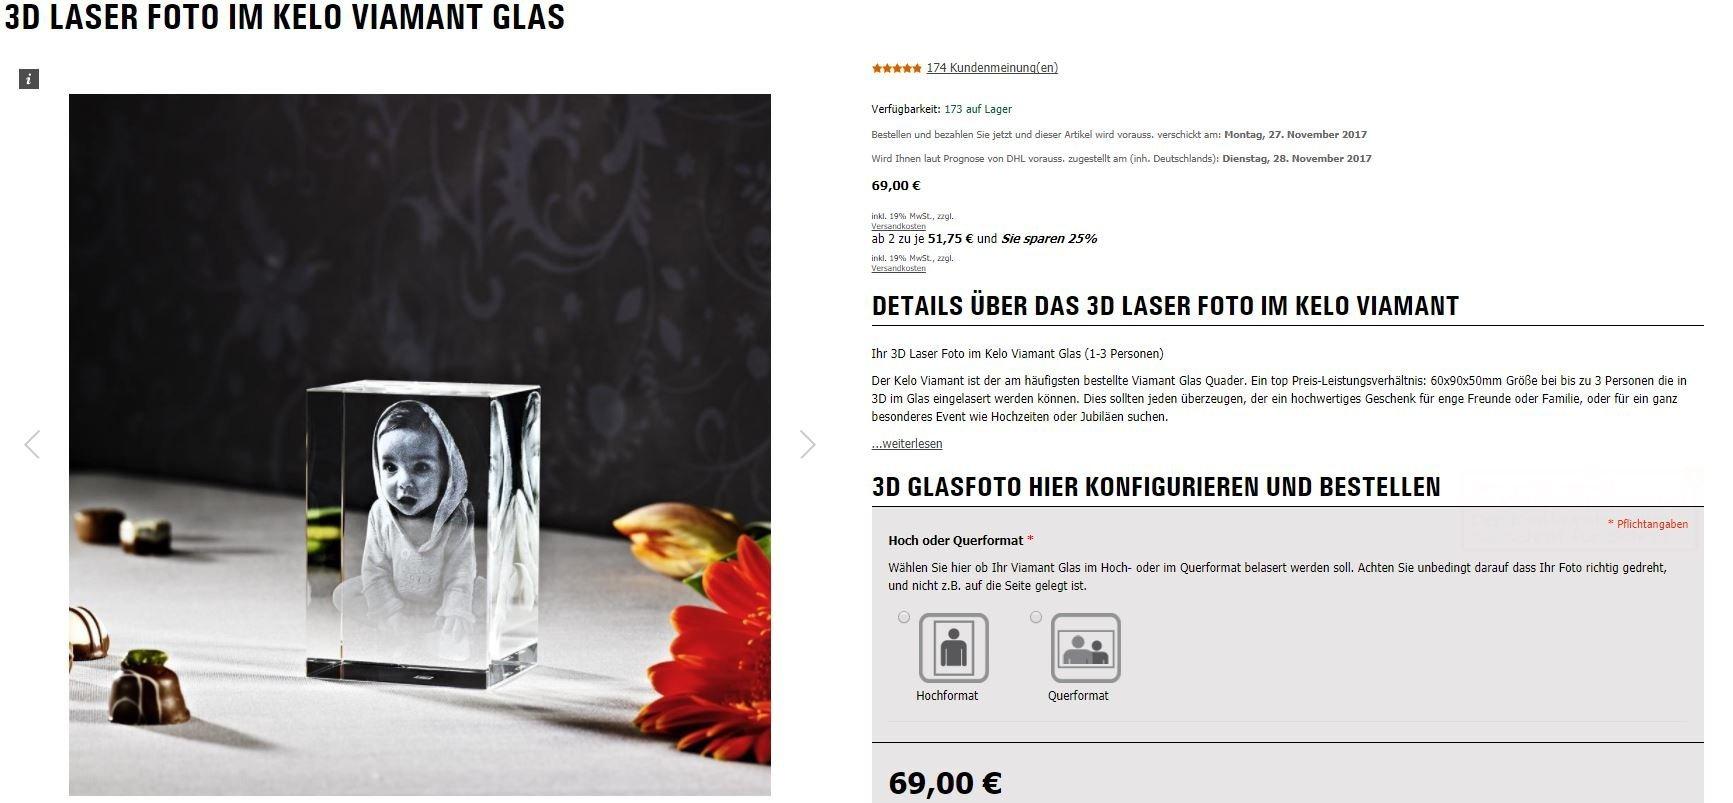 Lieferung Ihres Fotogeschenks püntklich zu Weihnachten LOOXIS GmbH